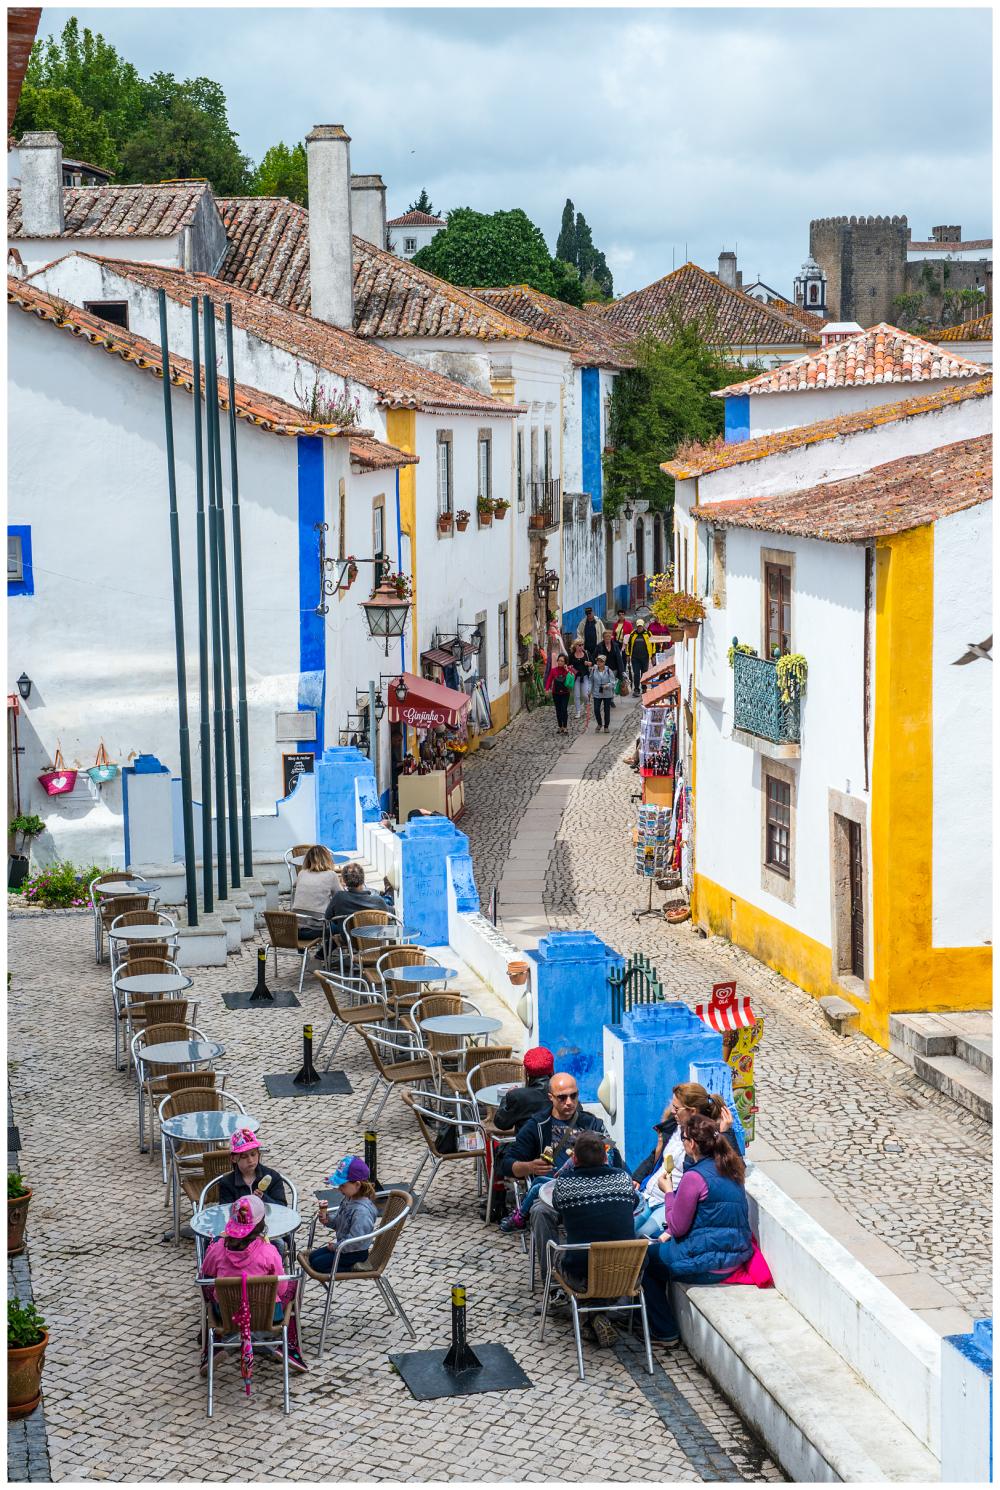 Street Scene Obidos Portugal